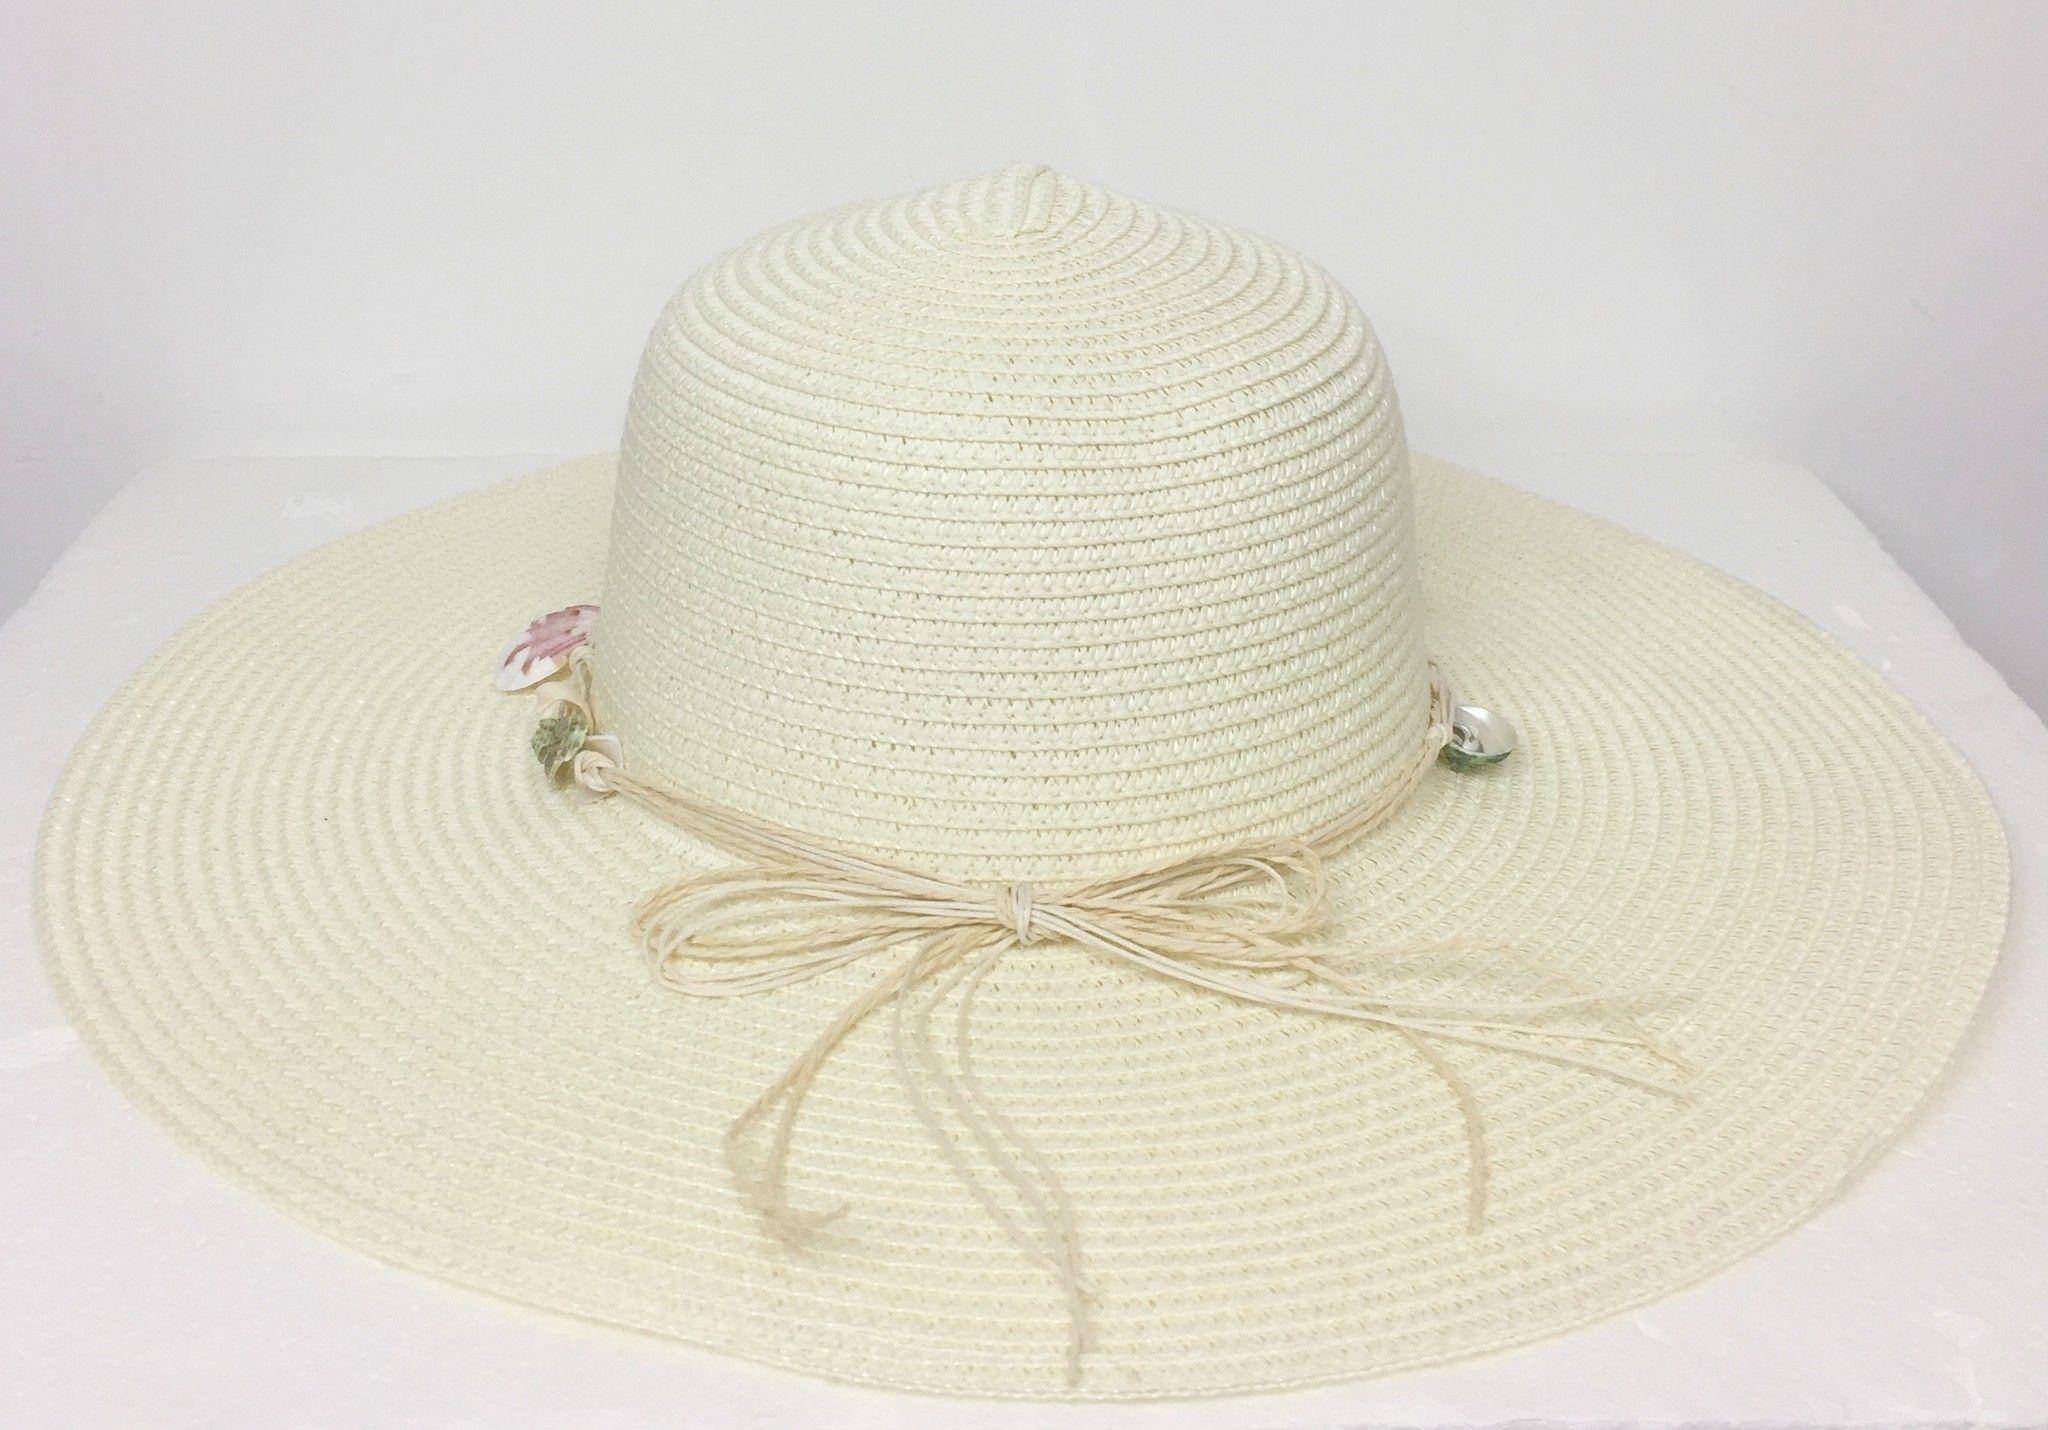 Cappello LadyBug in Paglia con Conchiglie Cod.024812